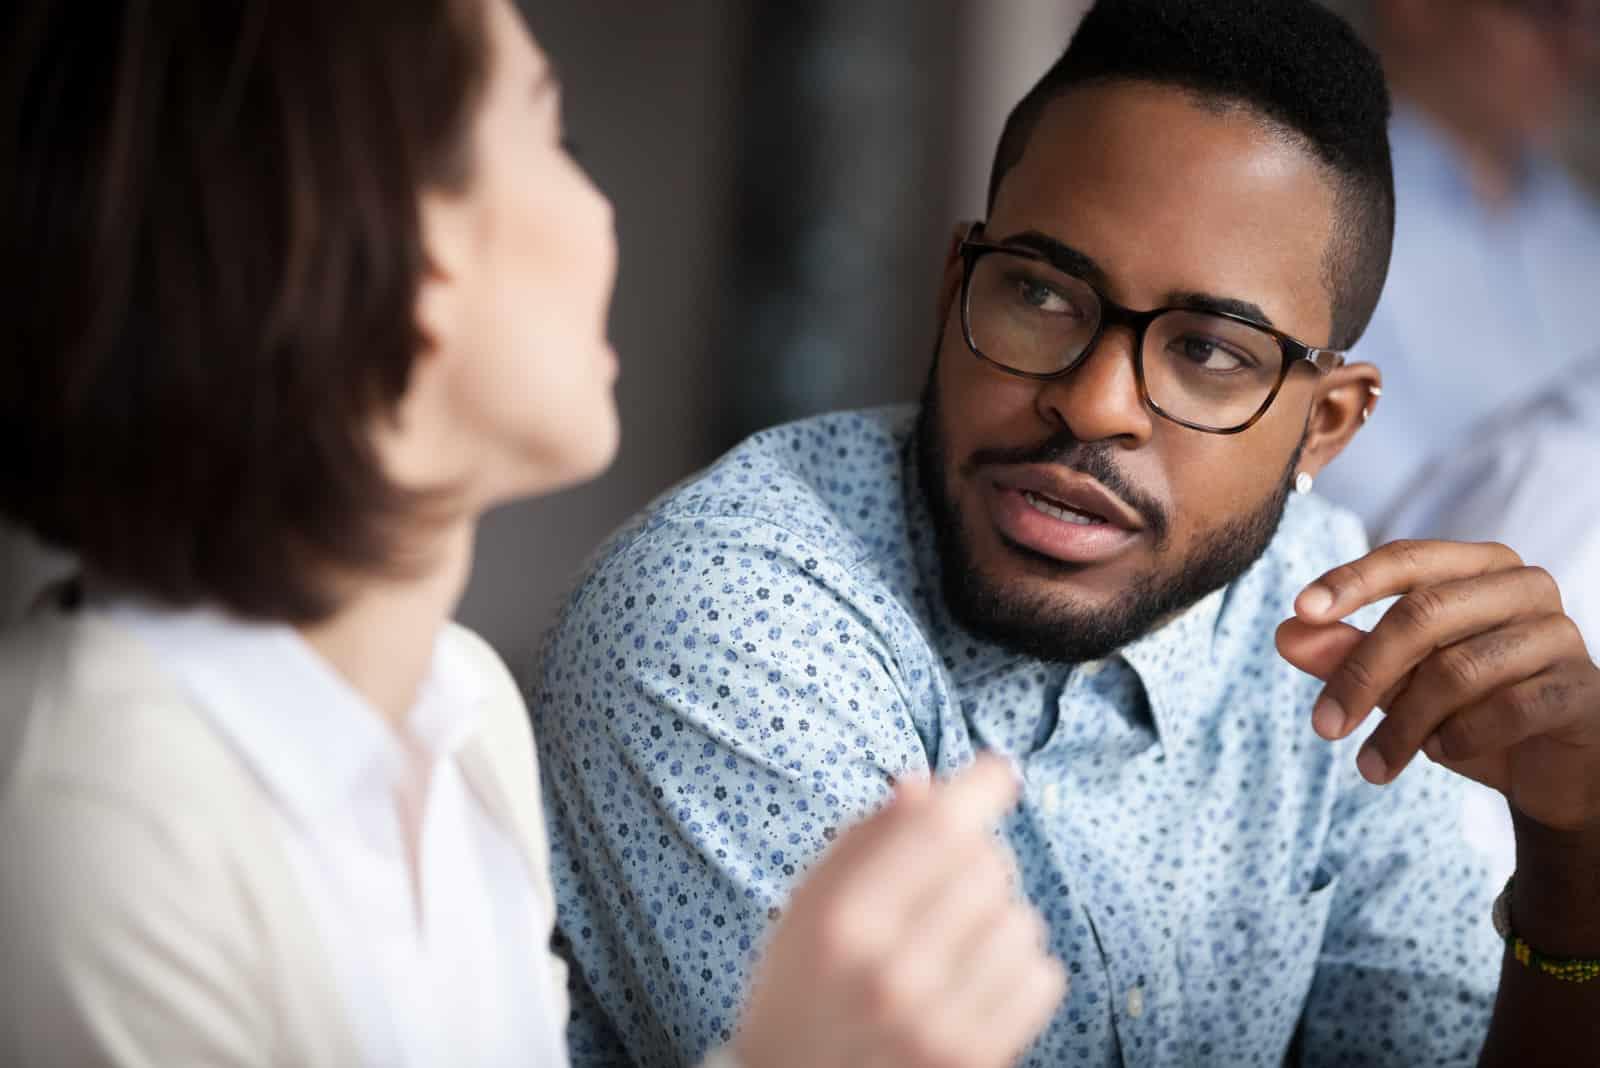 un homme noir parle à une femme